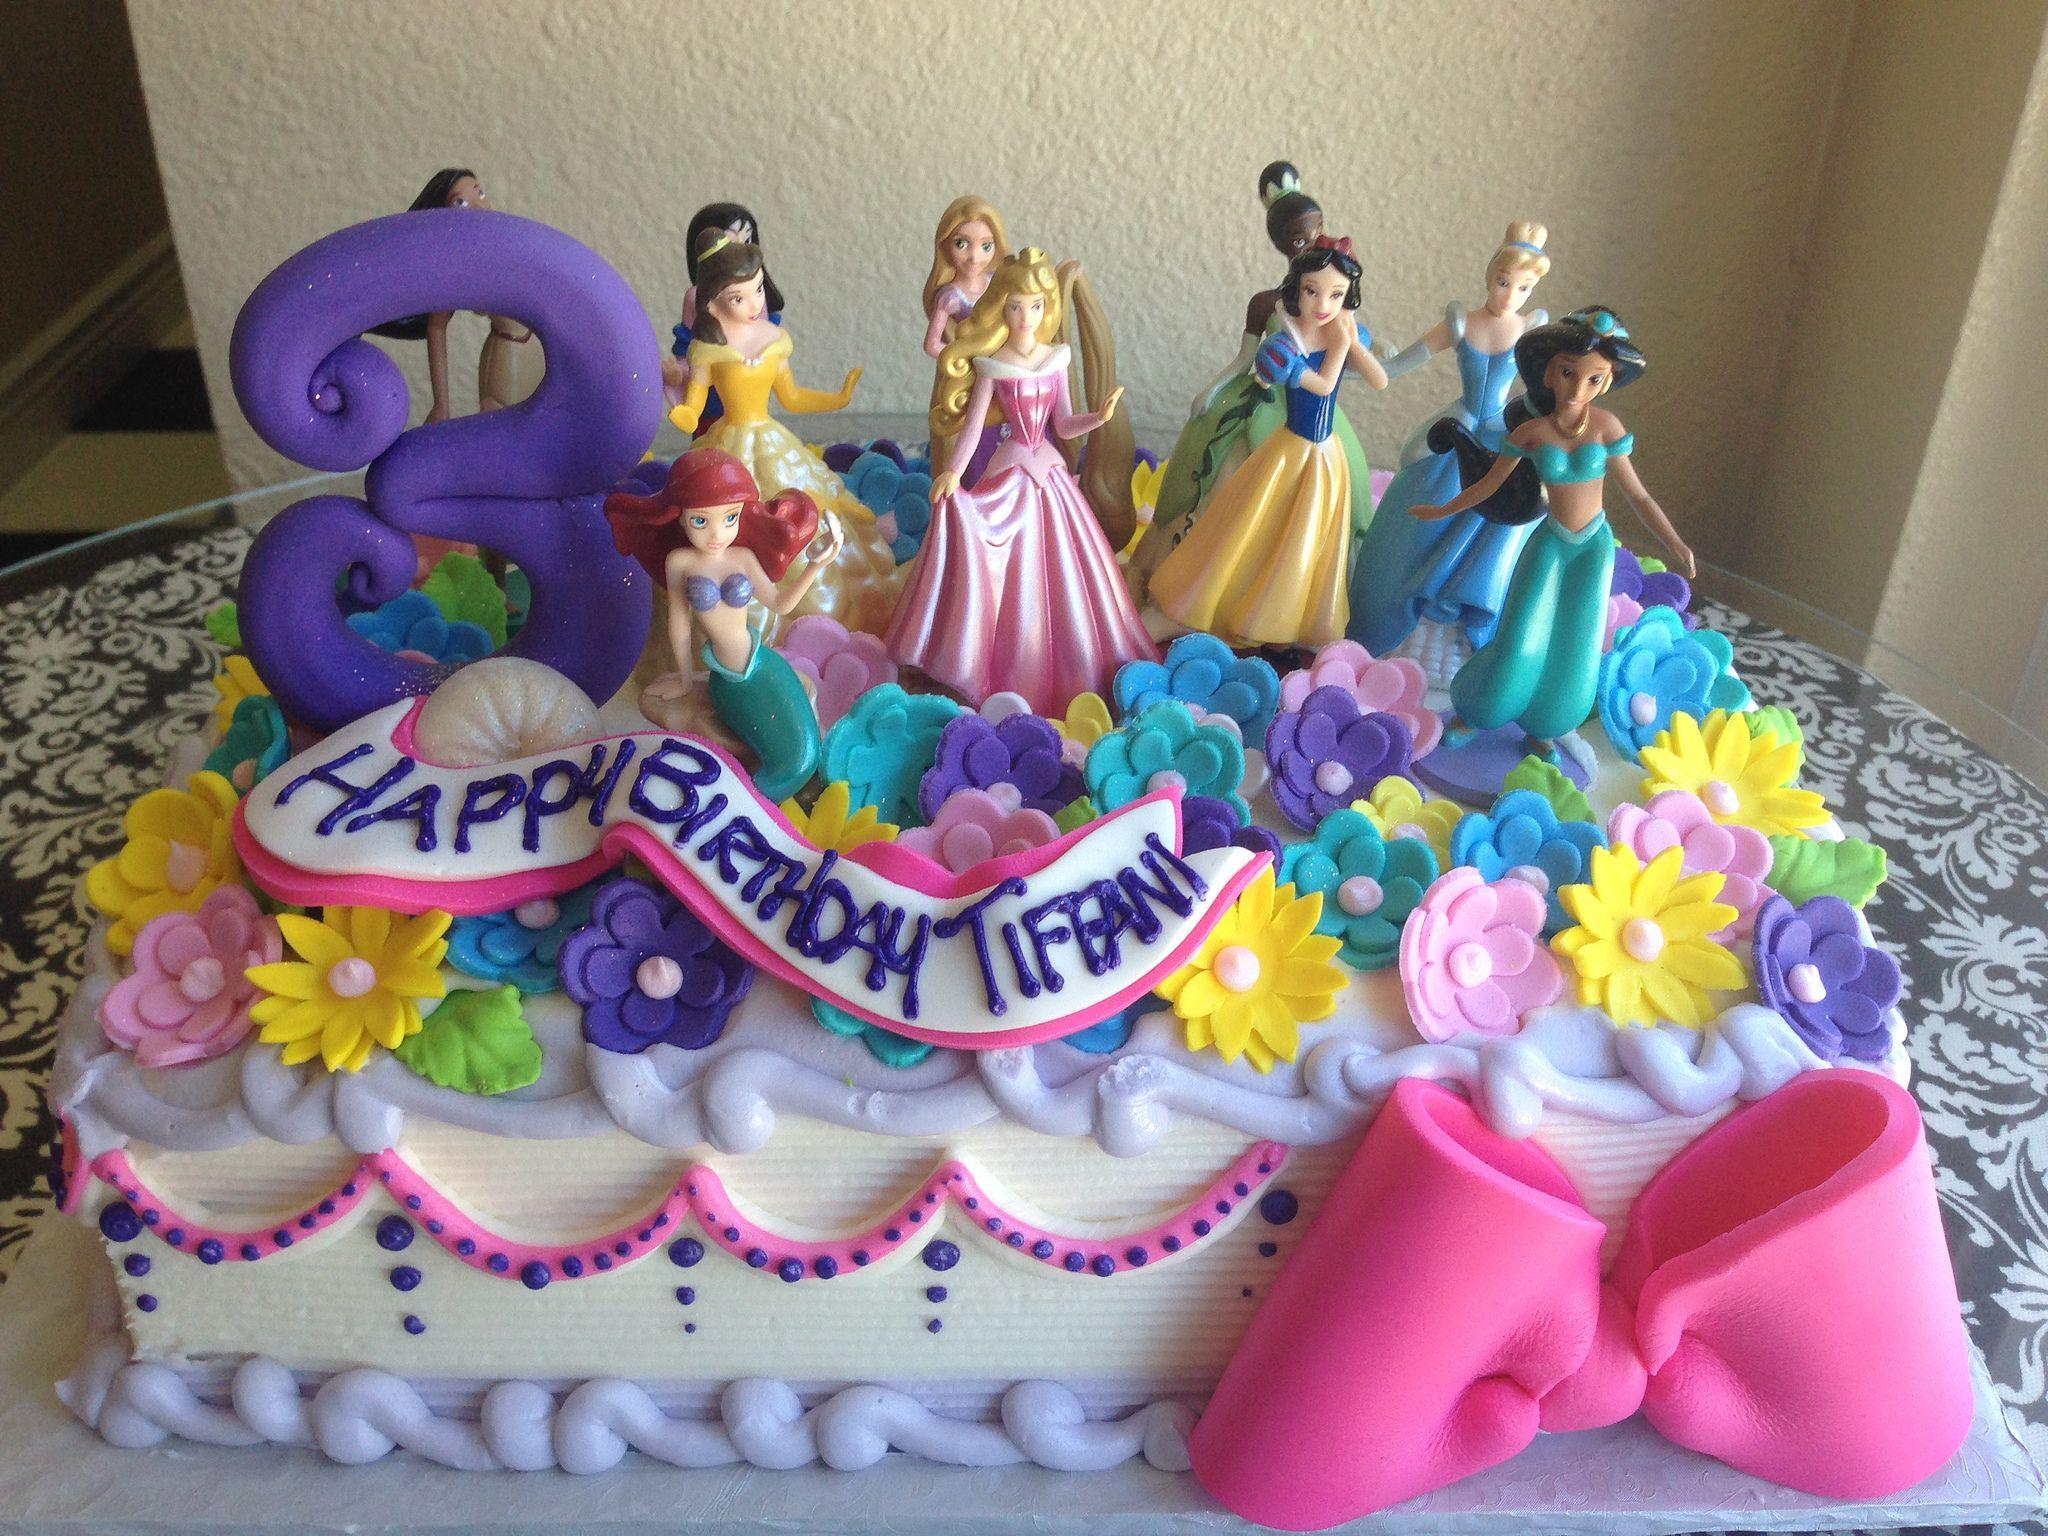 Princesses Disney Princess Birthday Party Princess Party Cake